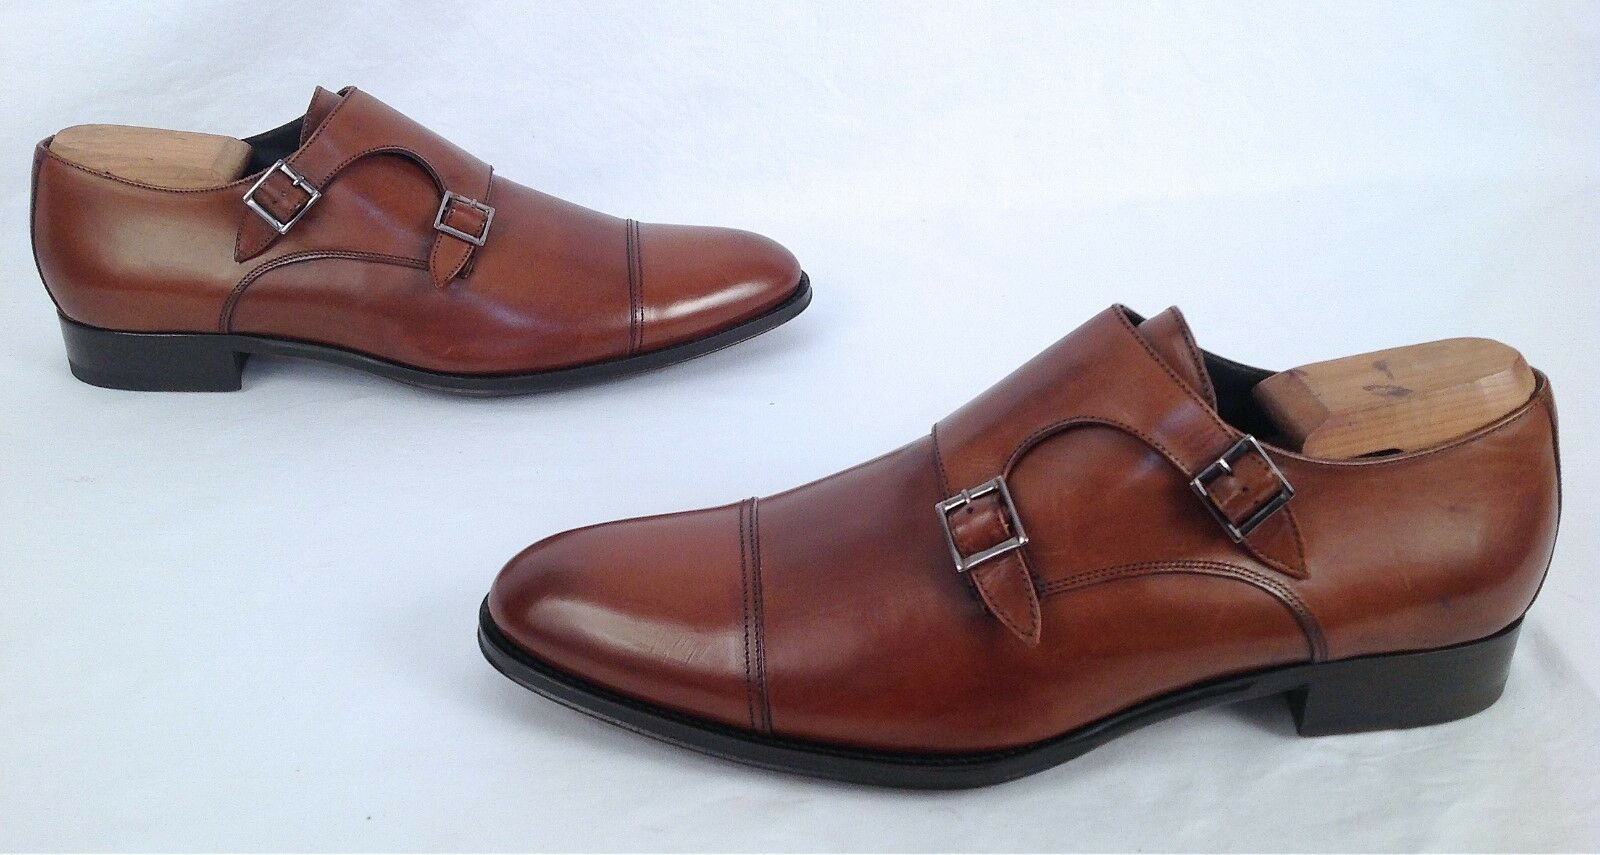 NEW!! To Boot New York 'Medford' Monk Strap- Cognac- Size 10.5M- 9 Scarpe classiche da uomo